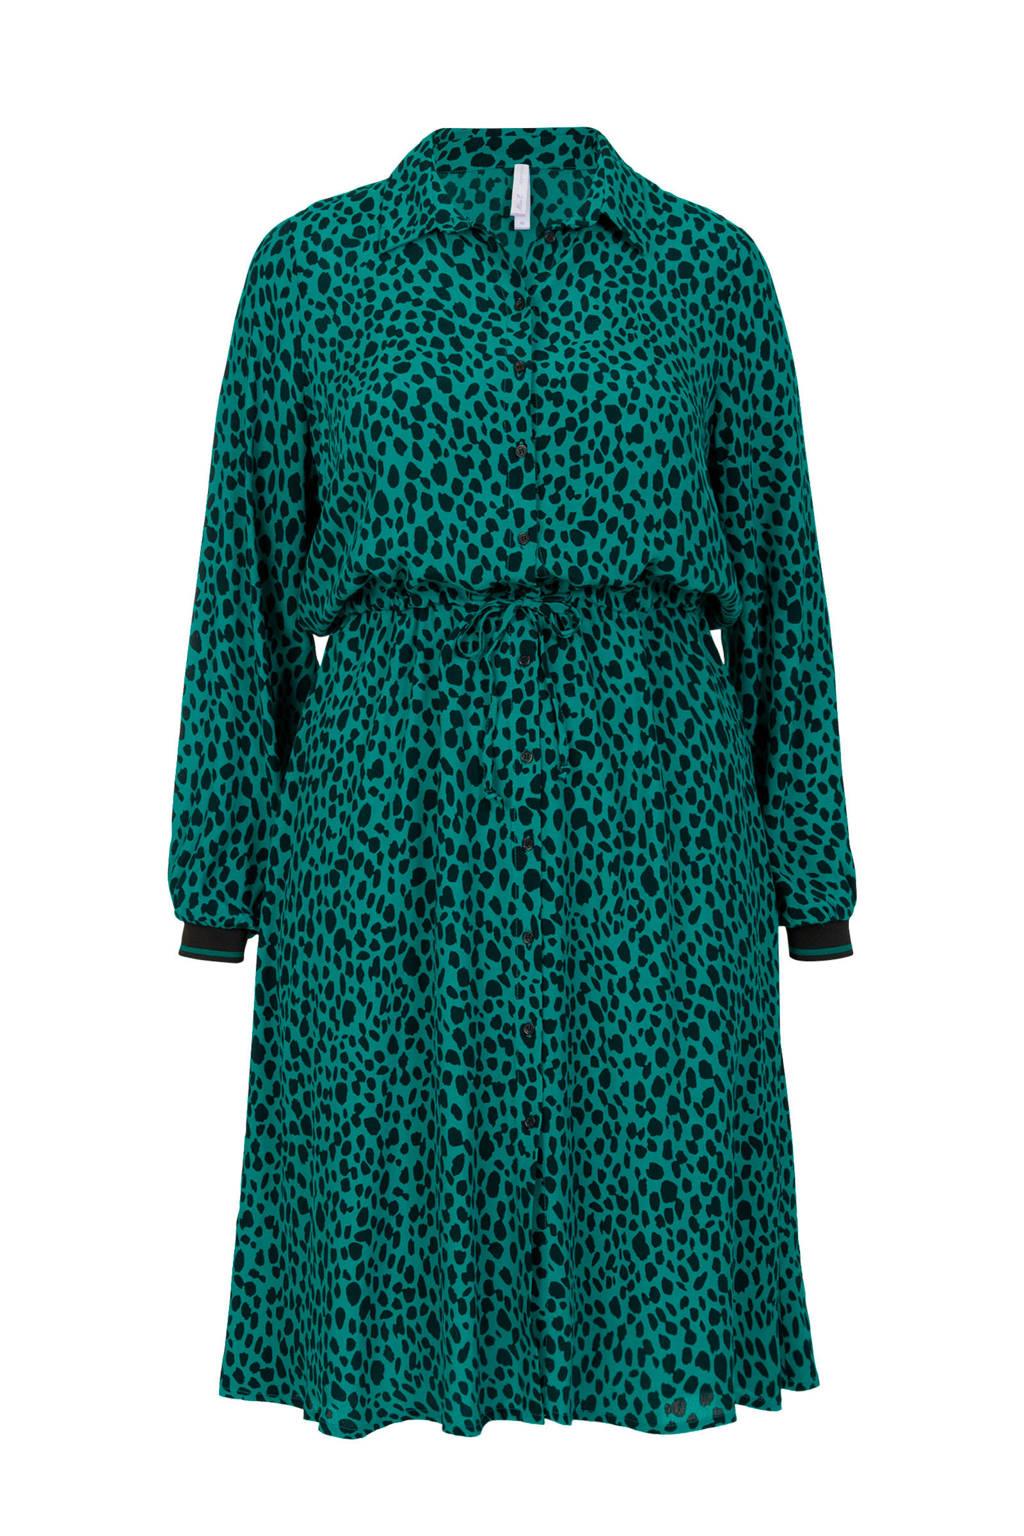 Miss Etam Plus blousejurk met all over print groen, Groen